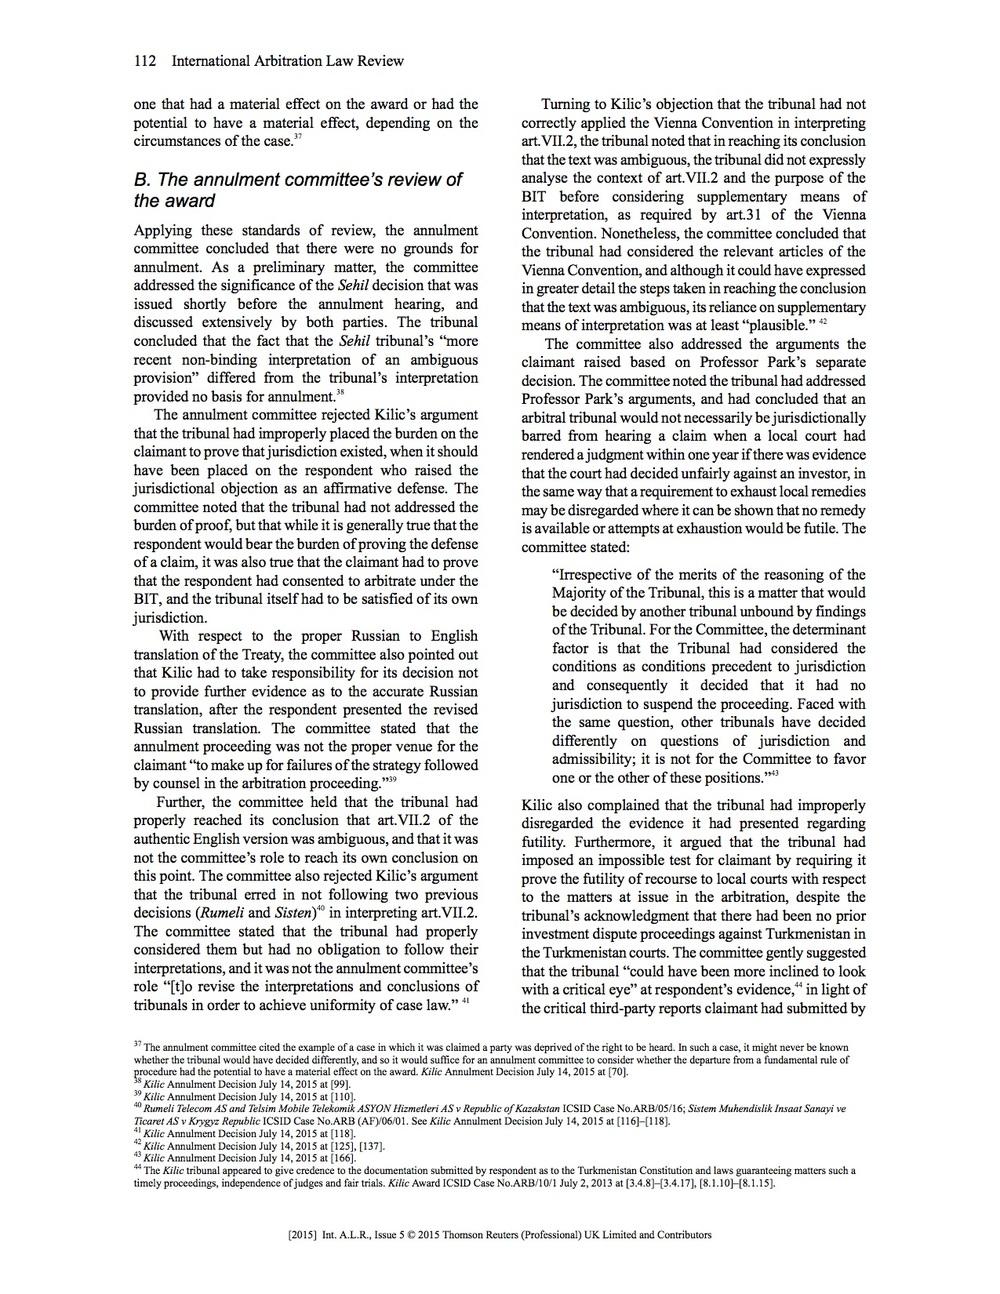 Intl Law Rev p8.jpg